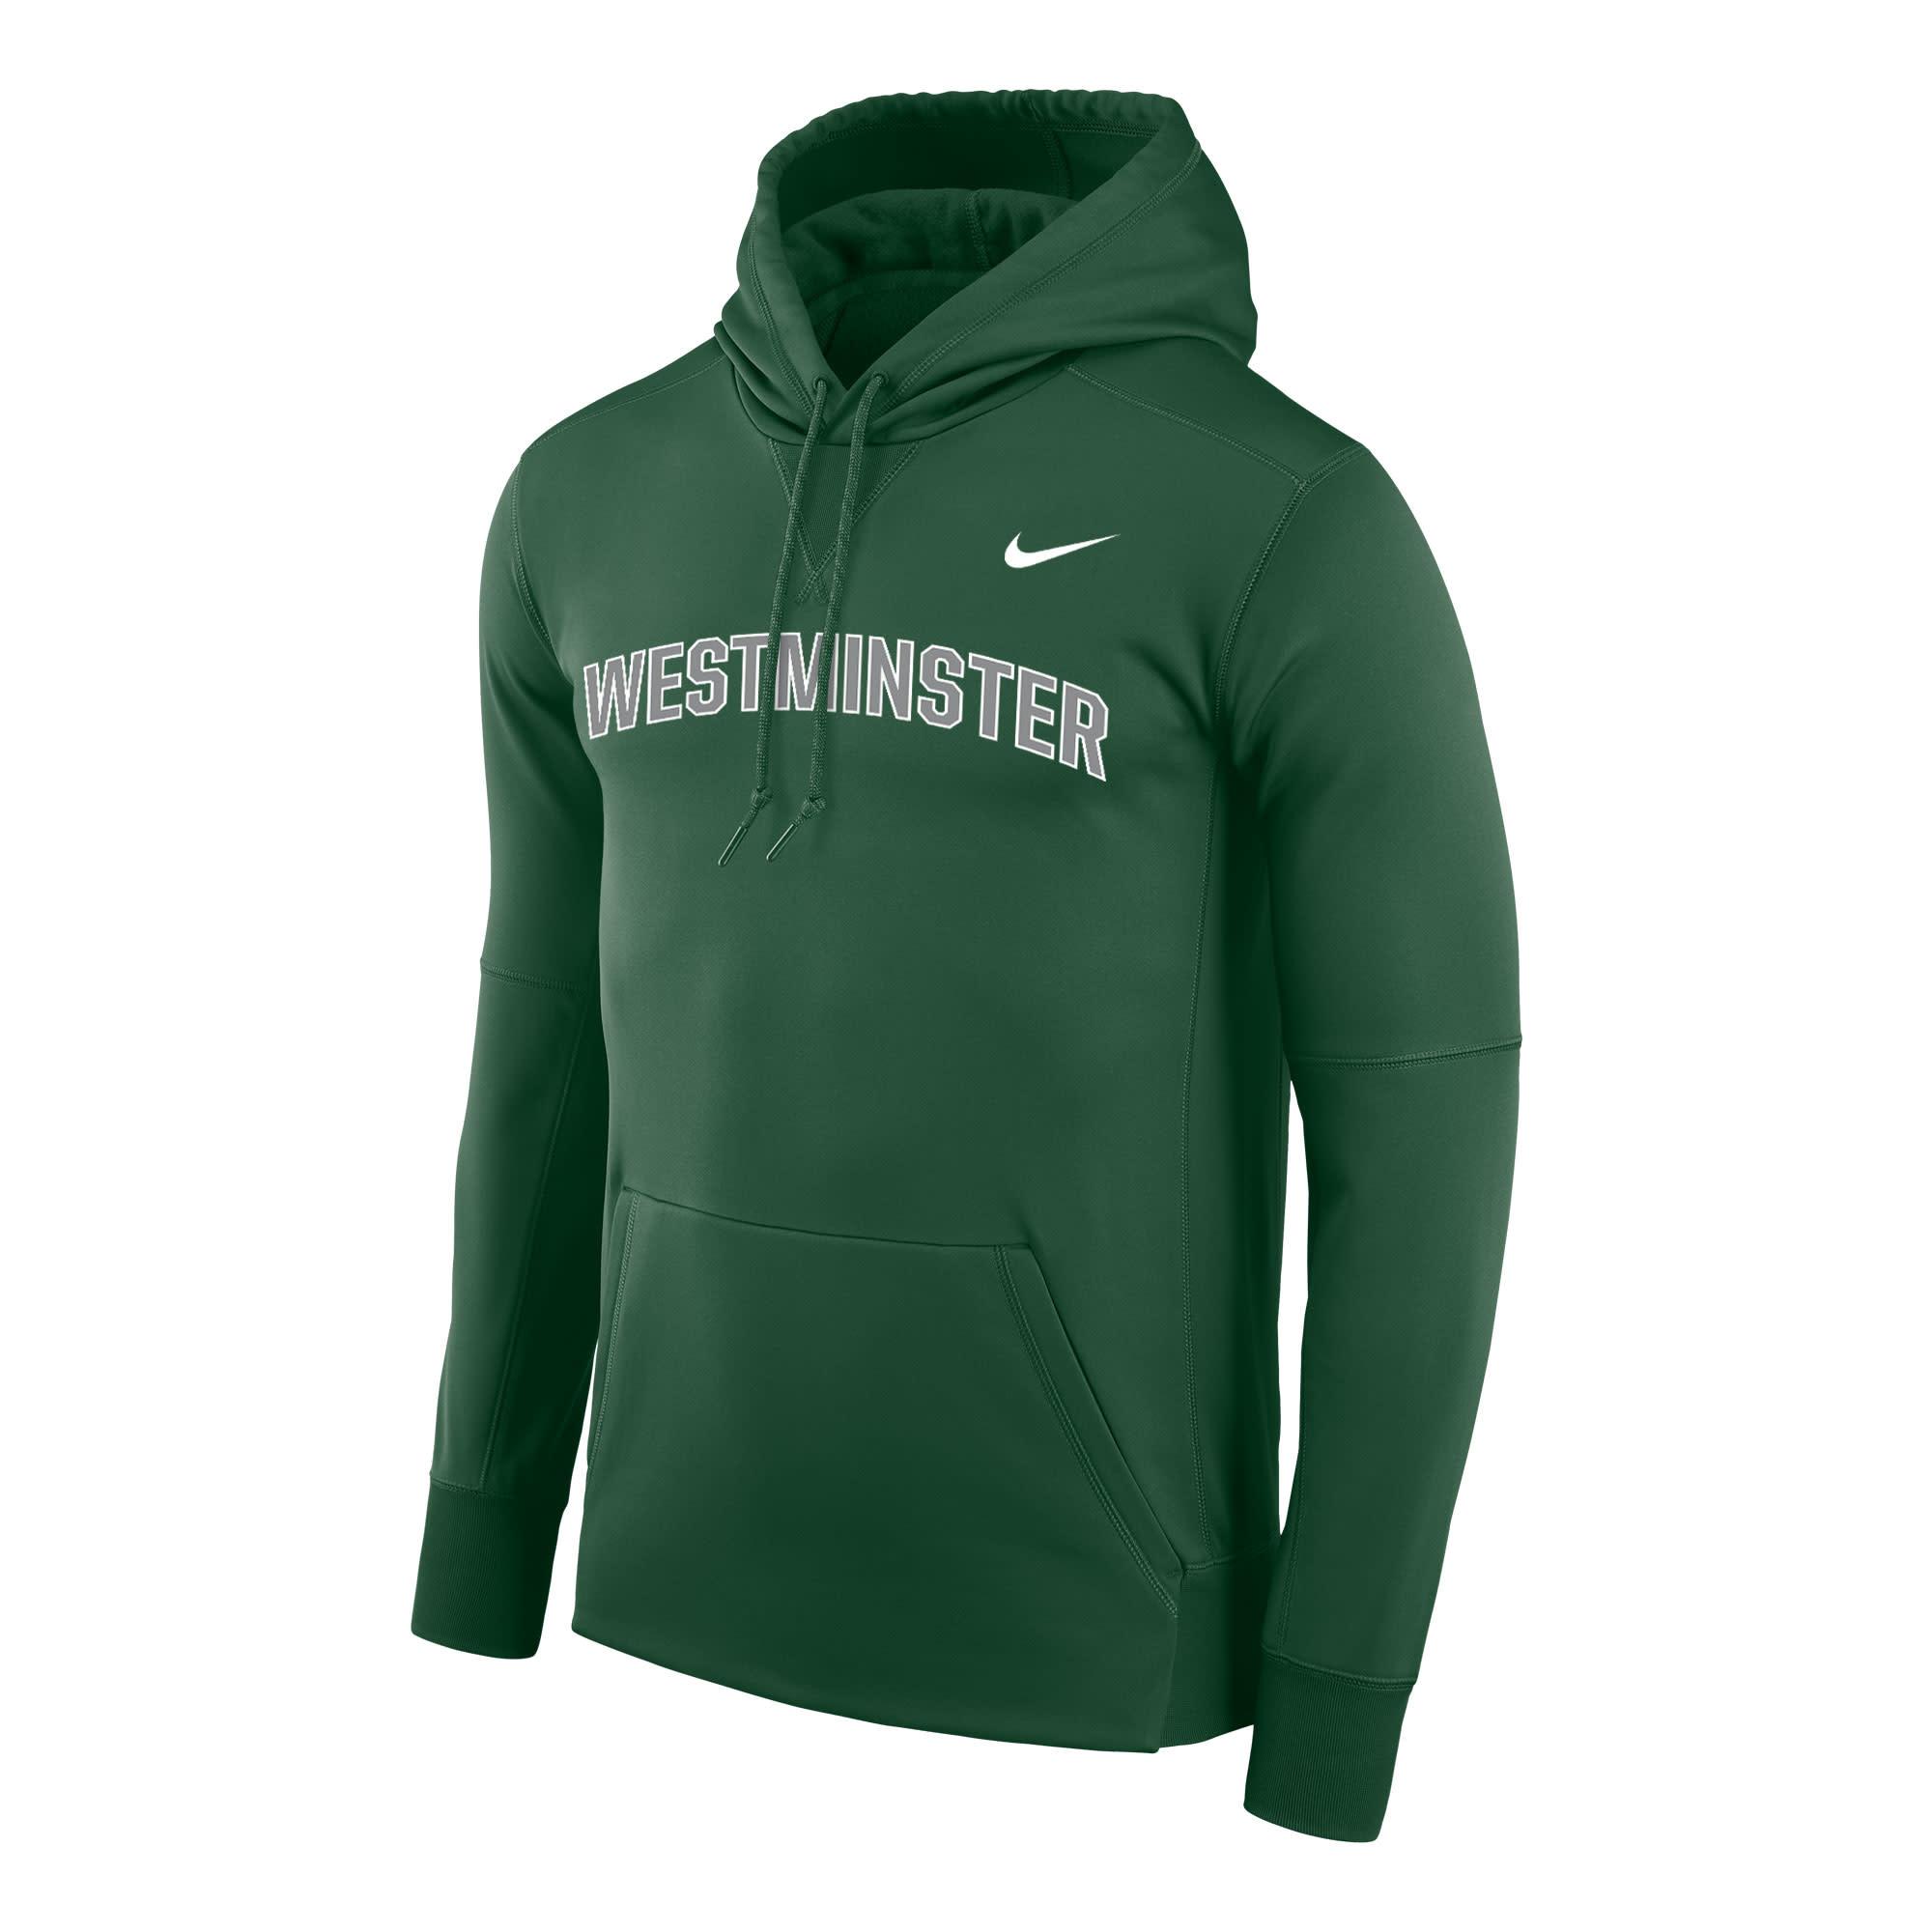 Nike Sweatshirt: Nike KO Pullover Therma-Fit Hoody Green